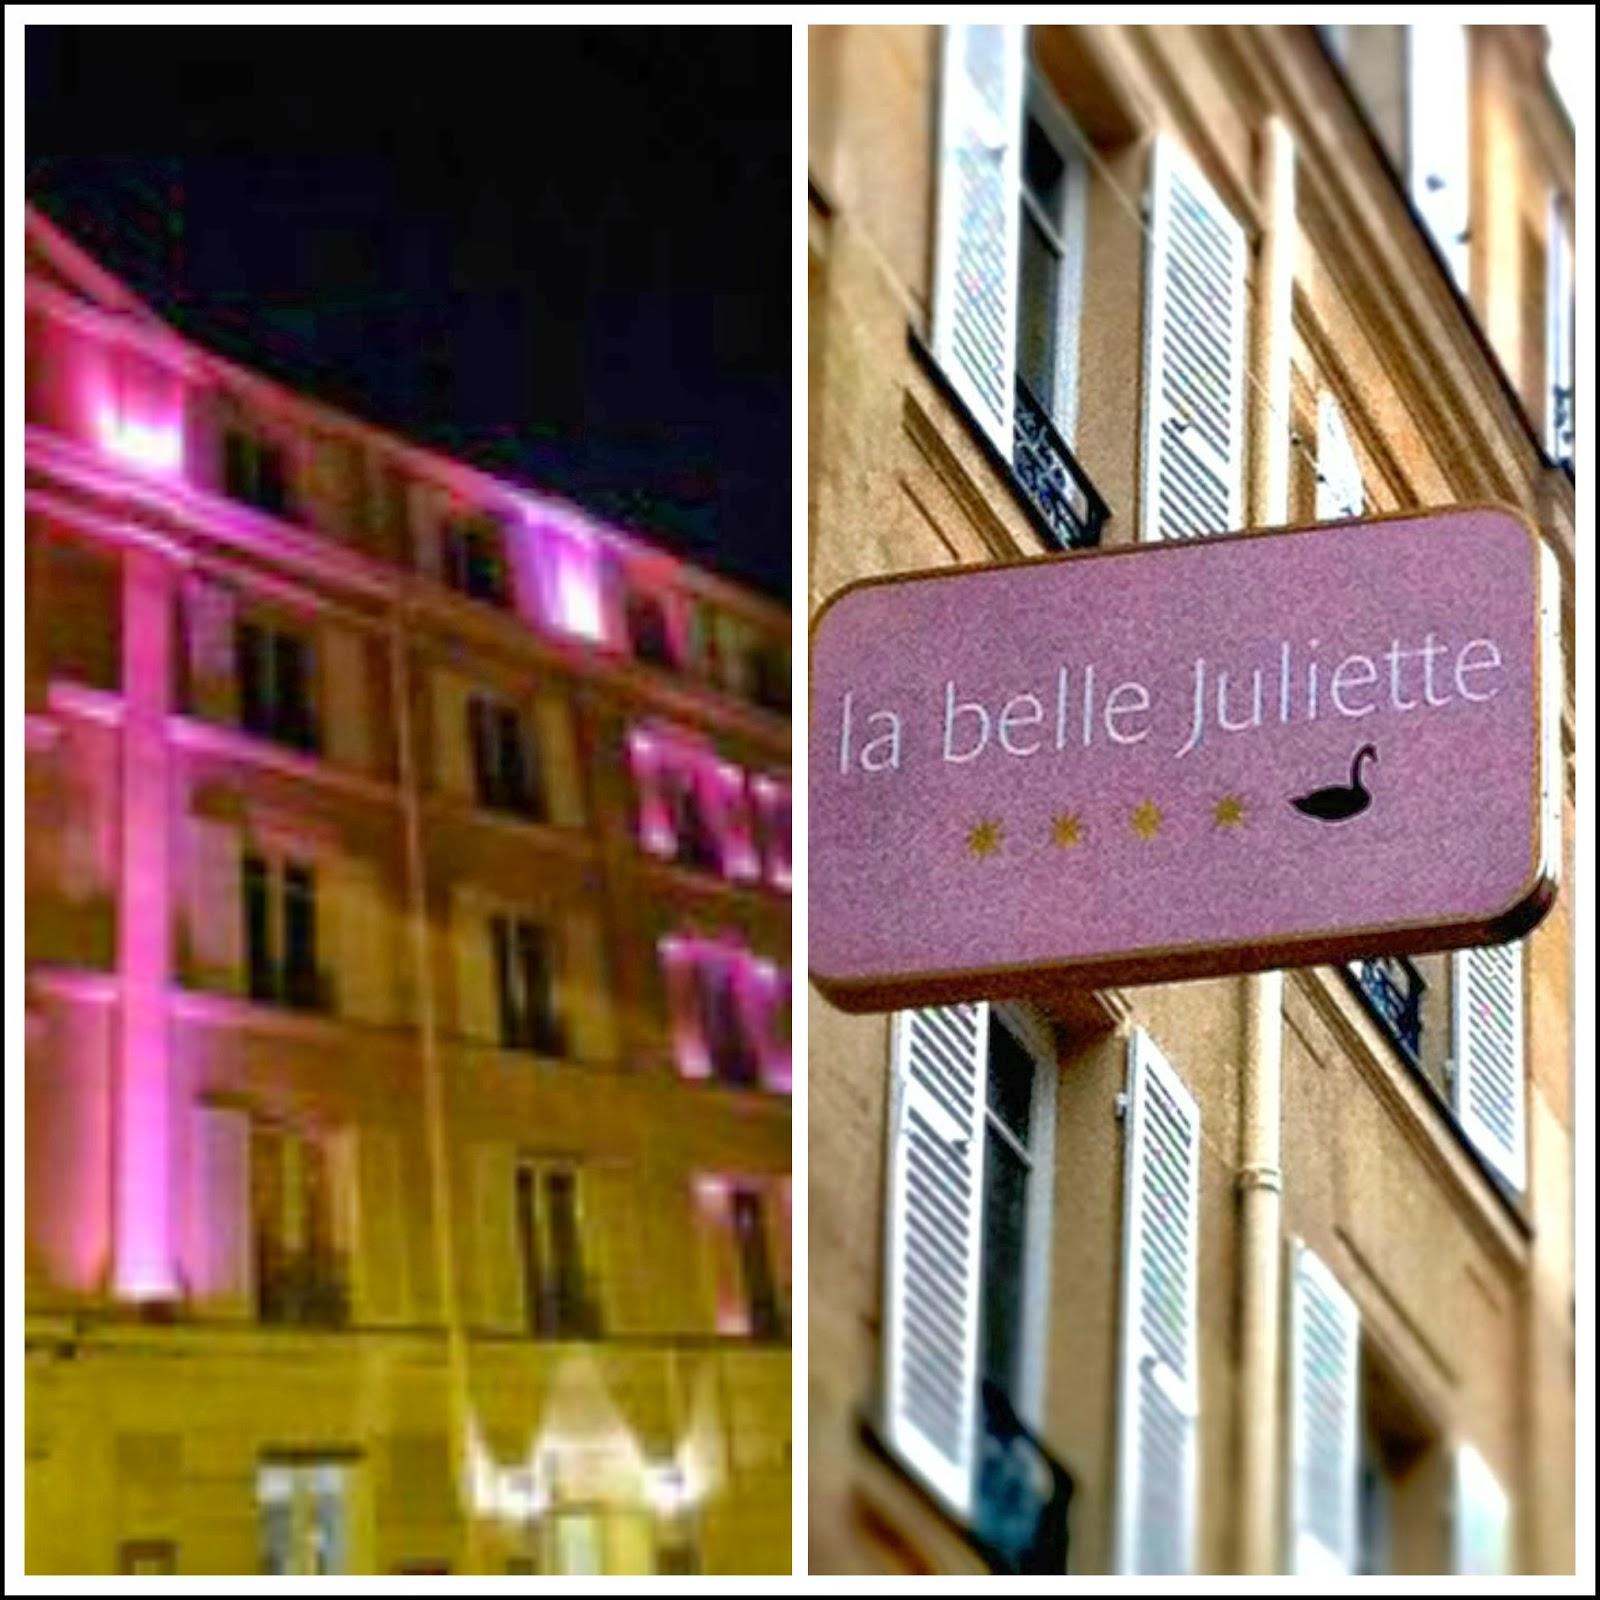 js home collection hotel la belle juliette. Black Bedroom Furniture Sets. Home Design Ideas